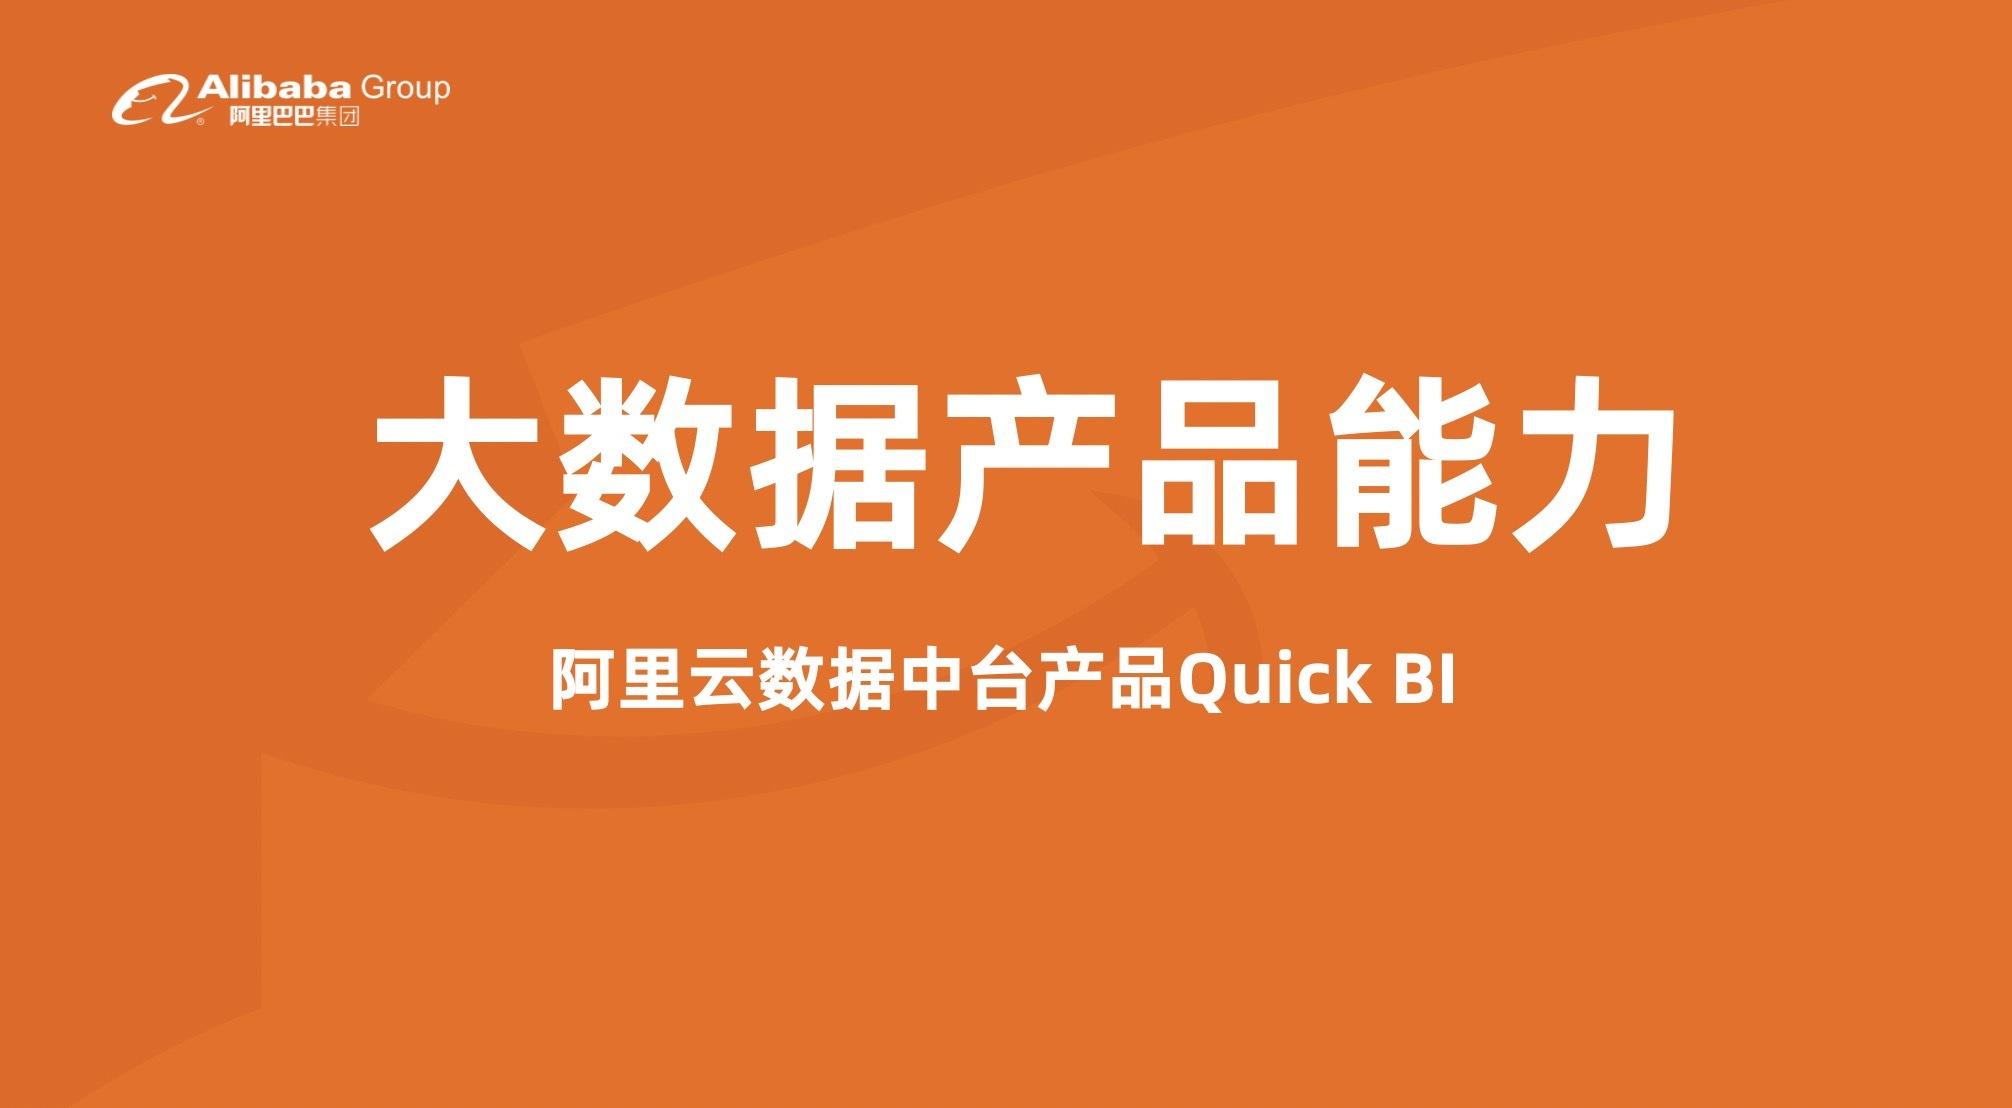 Quick BI的可视分析之路